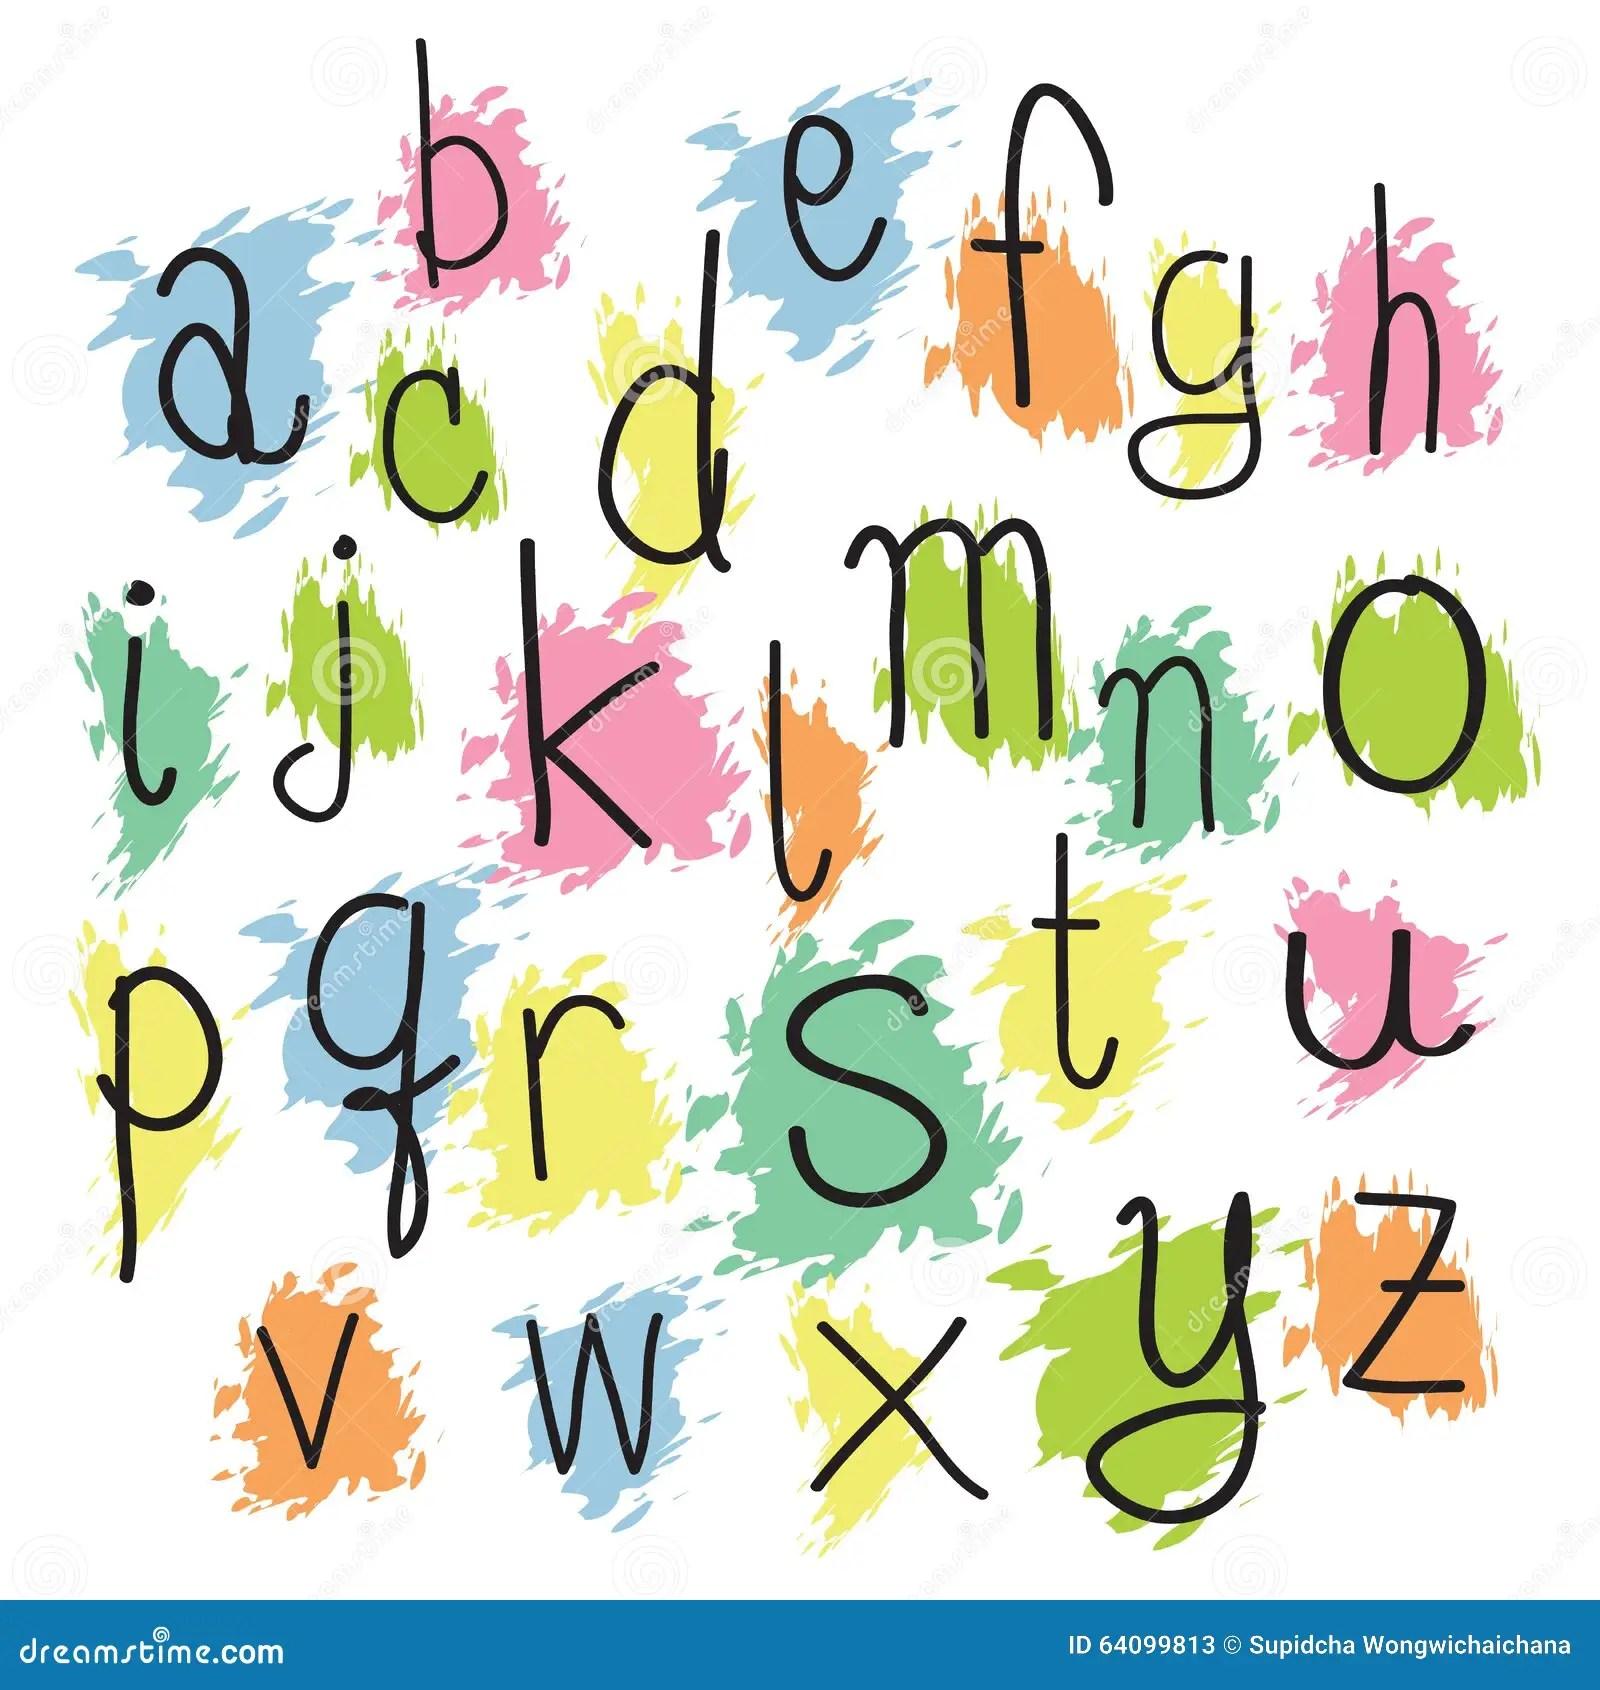 小寫字母設計素材圖片展示_小寫字母設計素材相關圖片下載